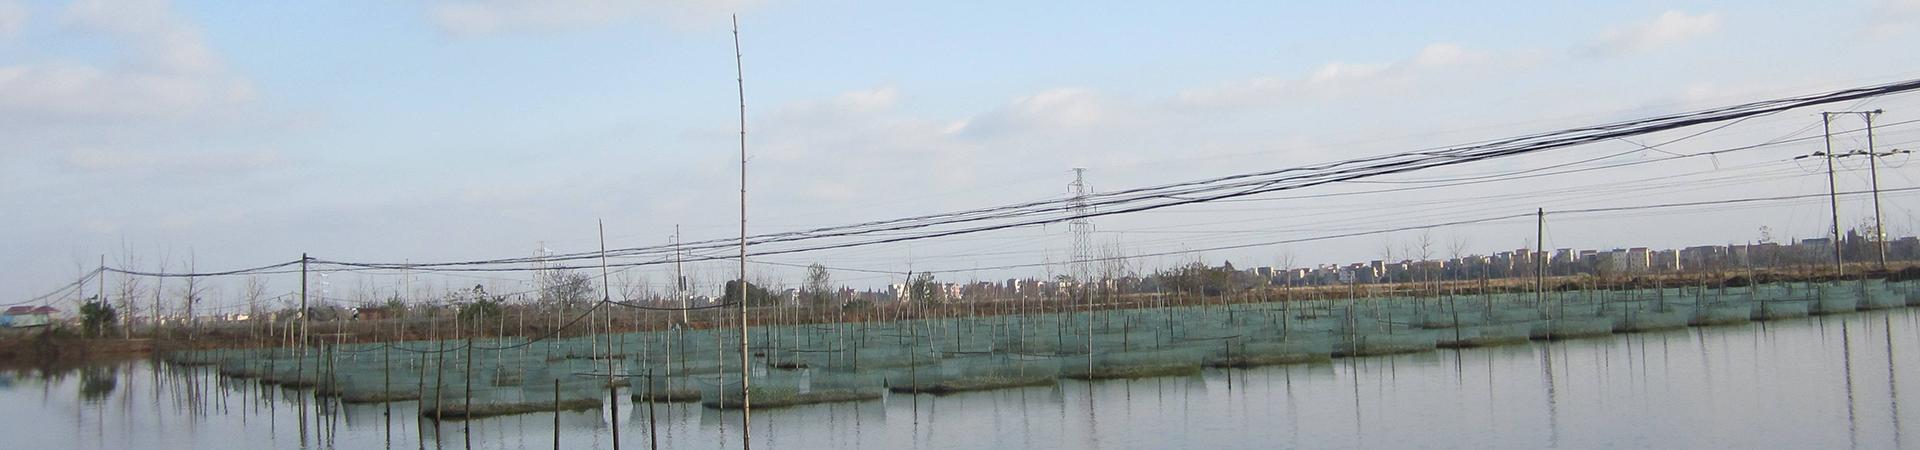 黄鳝养殖户要掌握这些驯食技术要点